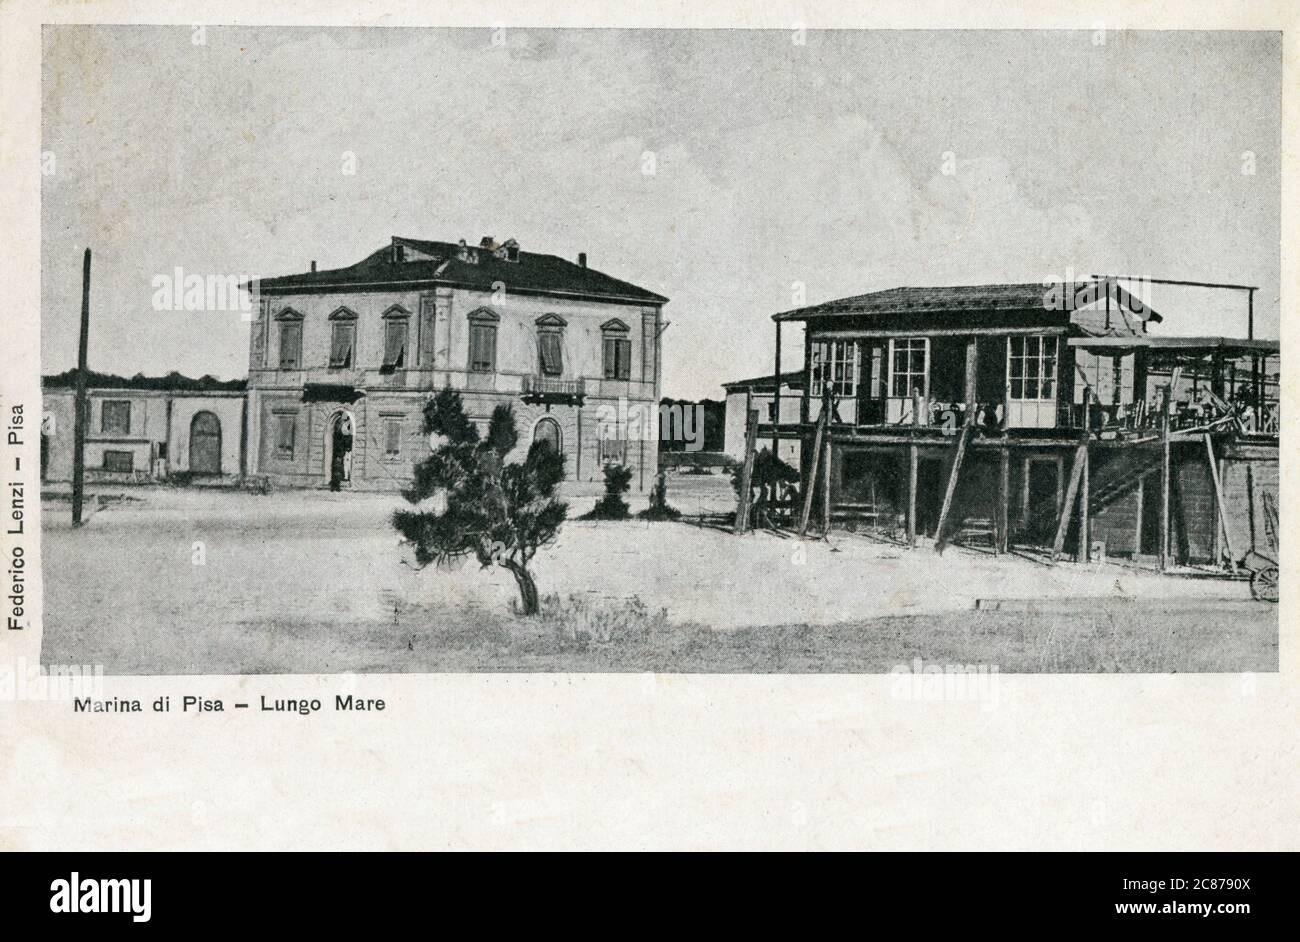 Marina di Pisa, Italia - Lungomare. Fecha: 1904 Foto de stock